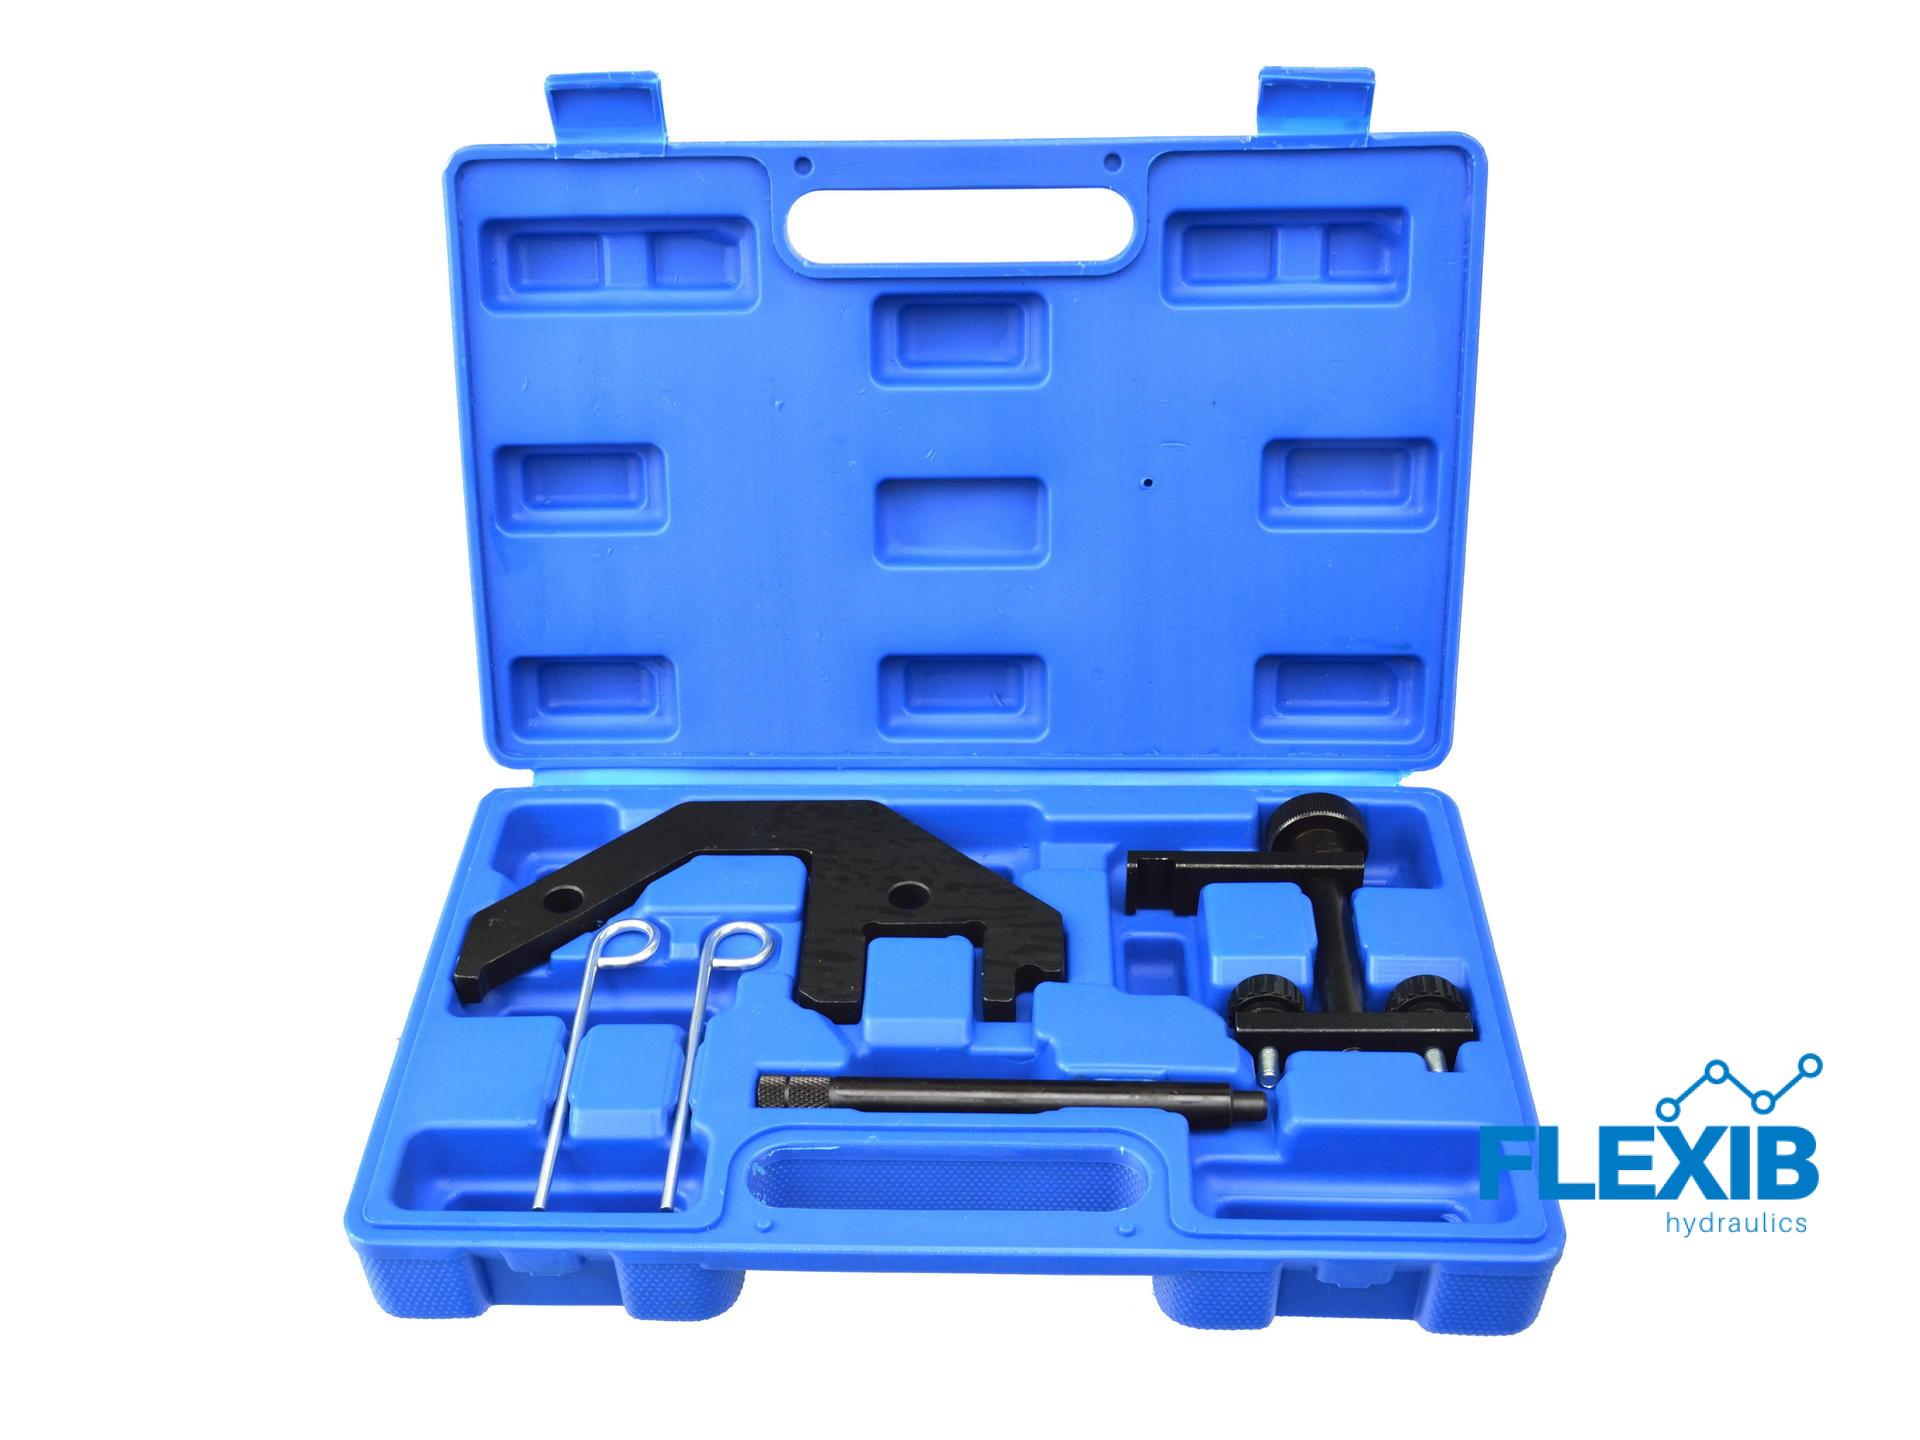 Jaotusmehhanismi tööriistad BMW 2.0 / 3.0 D Hammasrihma vahetuse -ja jaotusmehhanismi tööriistad BMW 2.0 / 3.0 D - 10